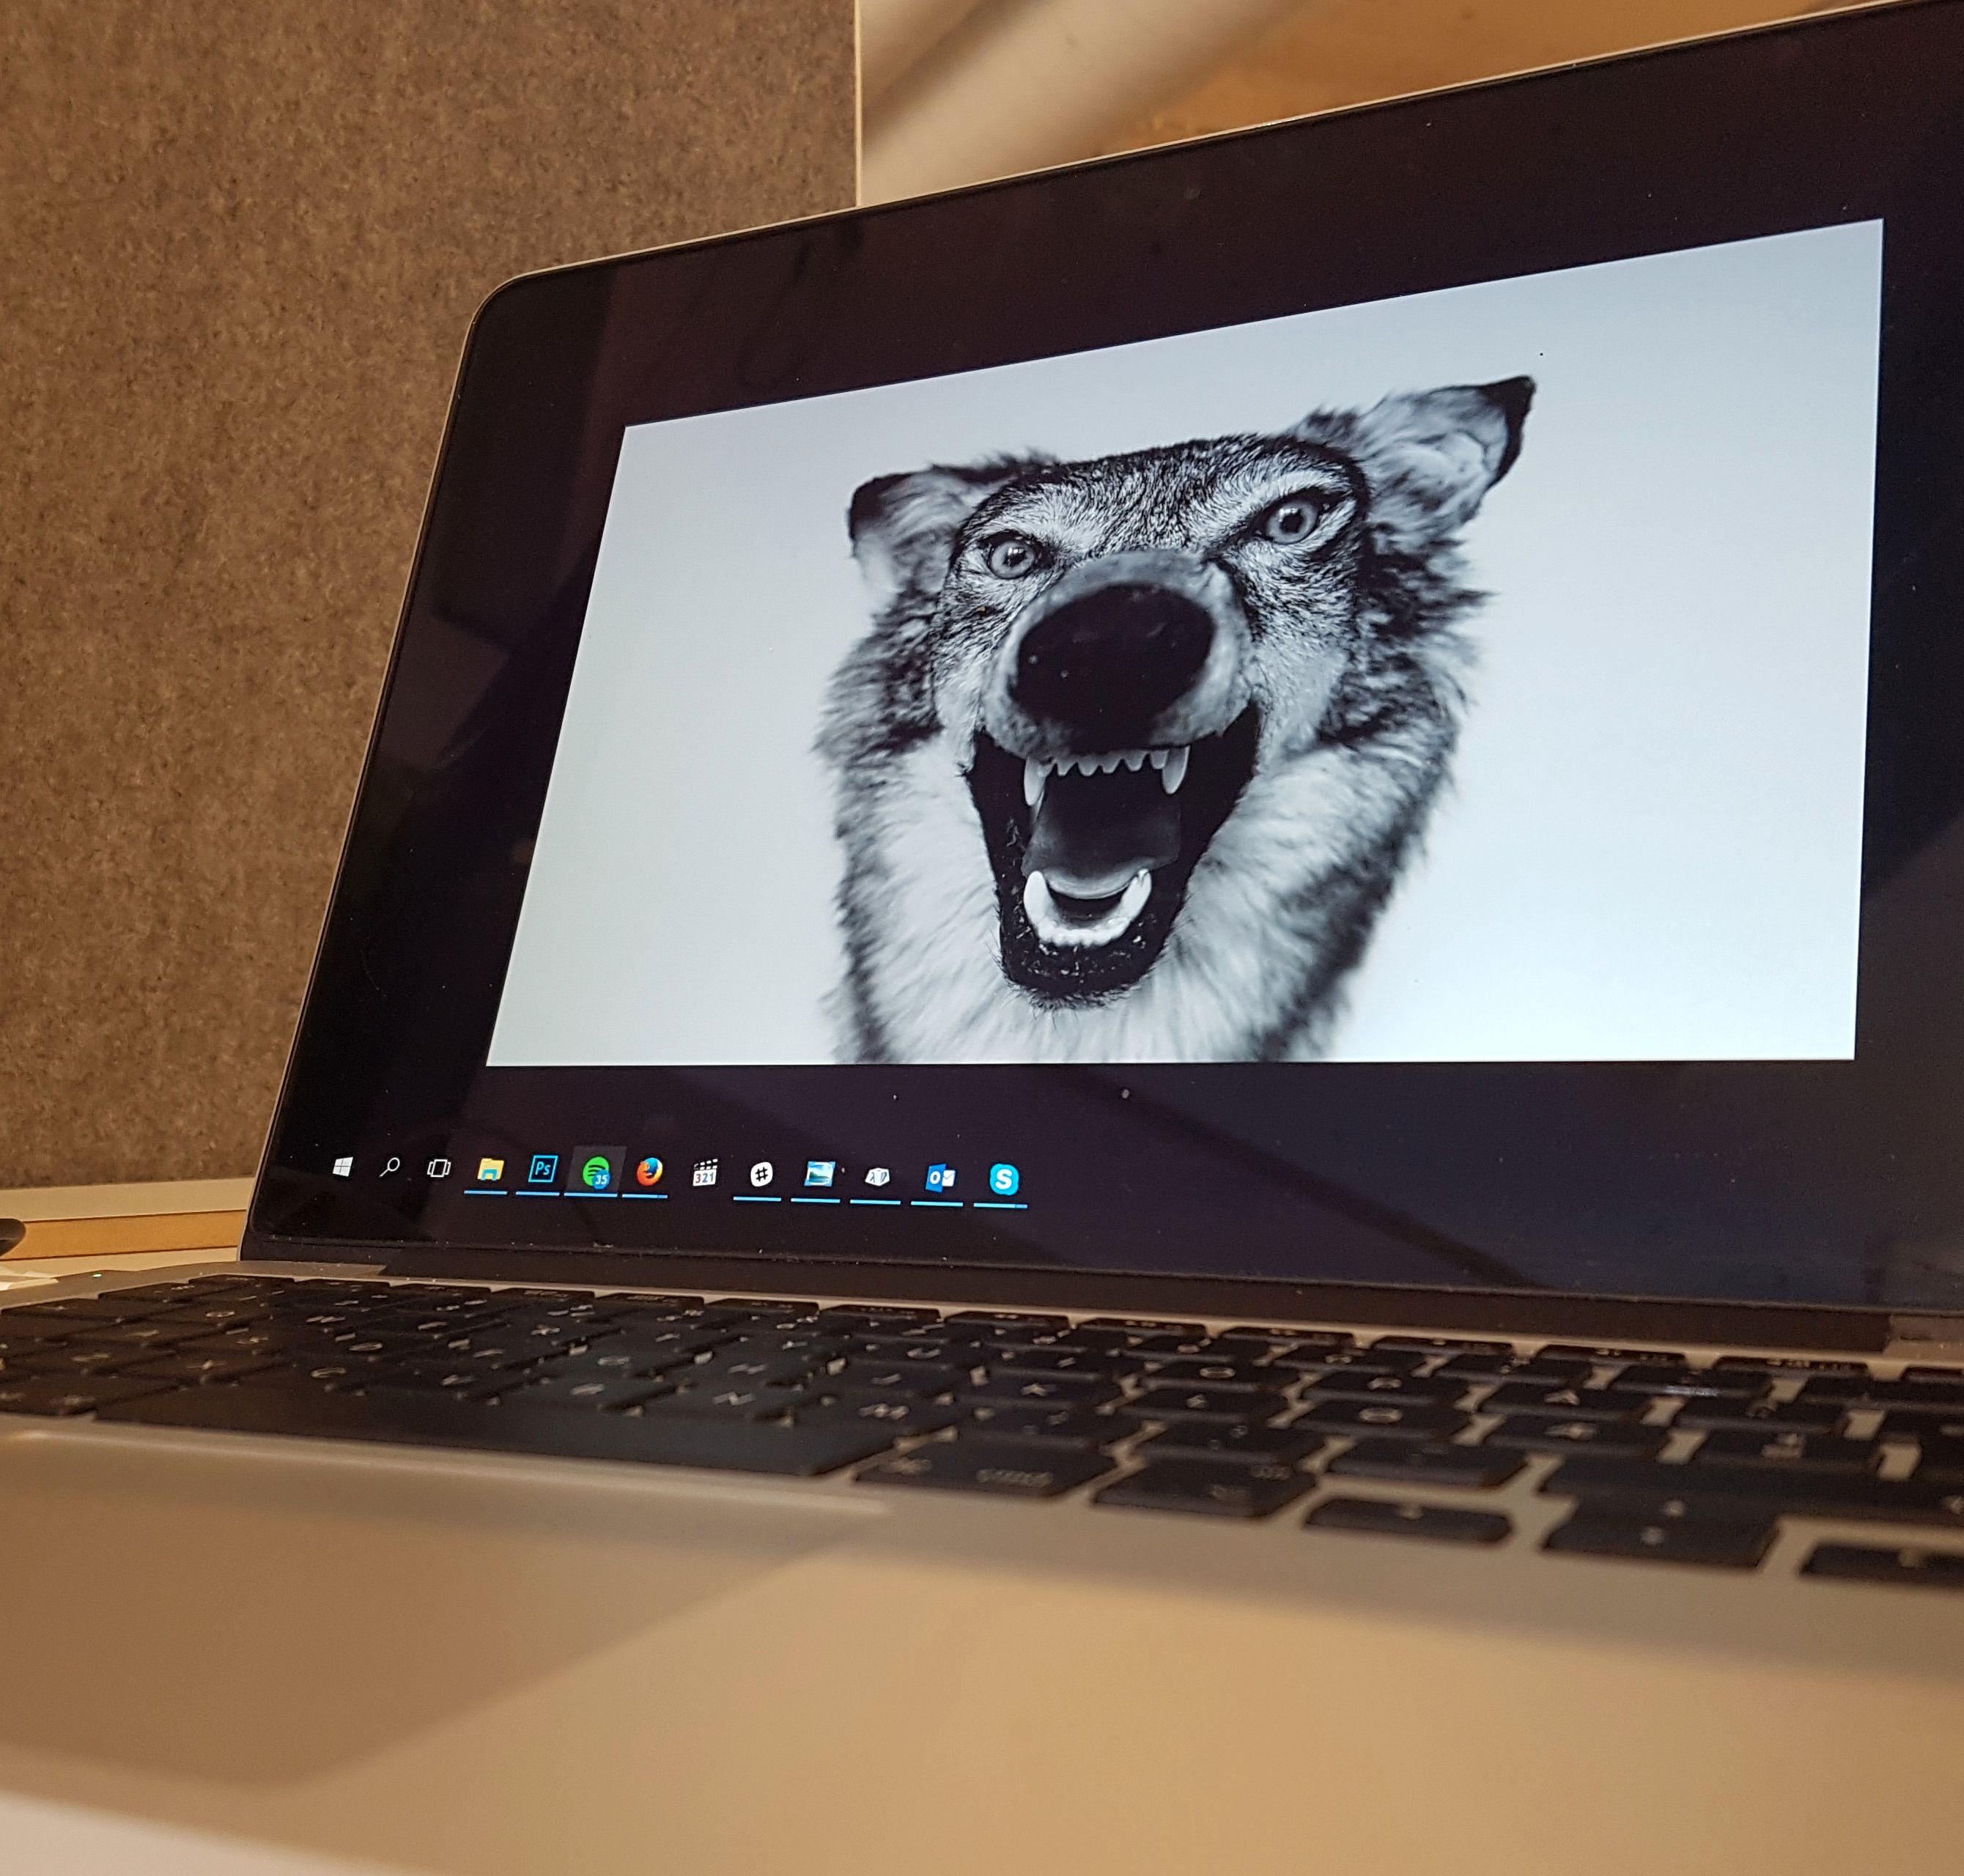 Maskinvaren jeg foretrekker sammen med programvaren jeg foretrekker. Windows 10 har jeg blitt glad i, selv om det har en og annen særhet det også.